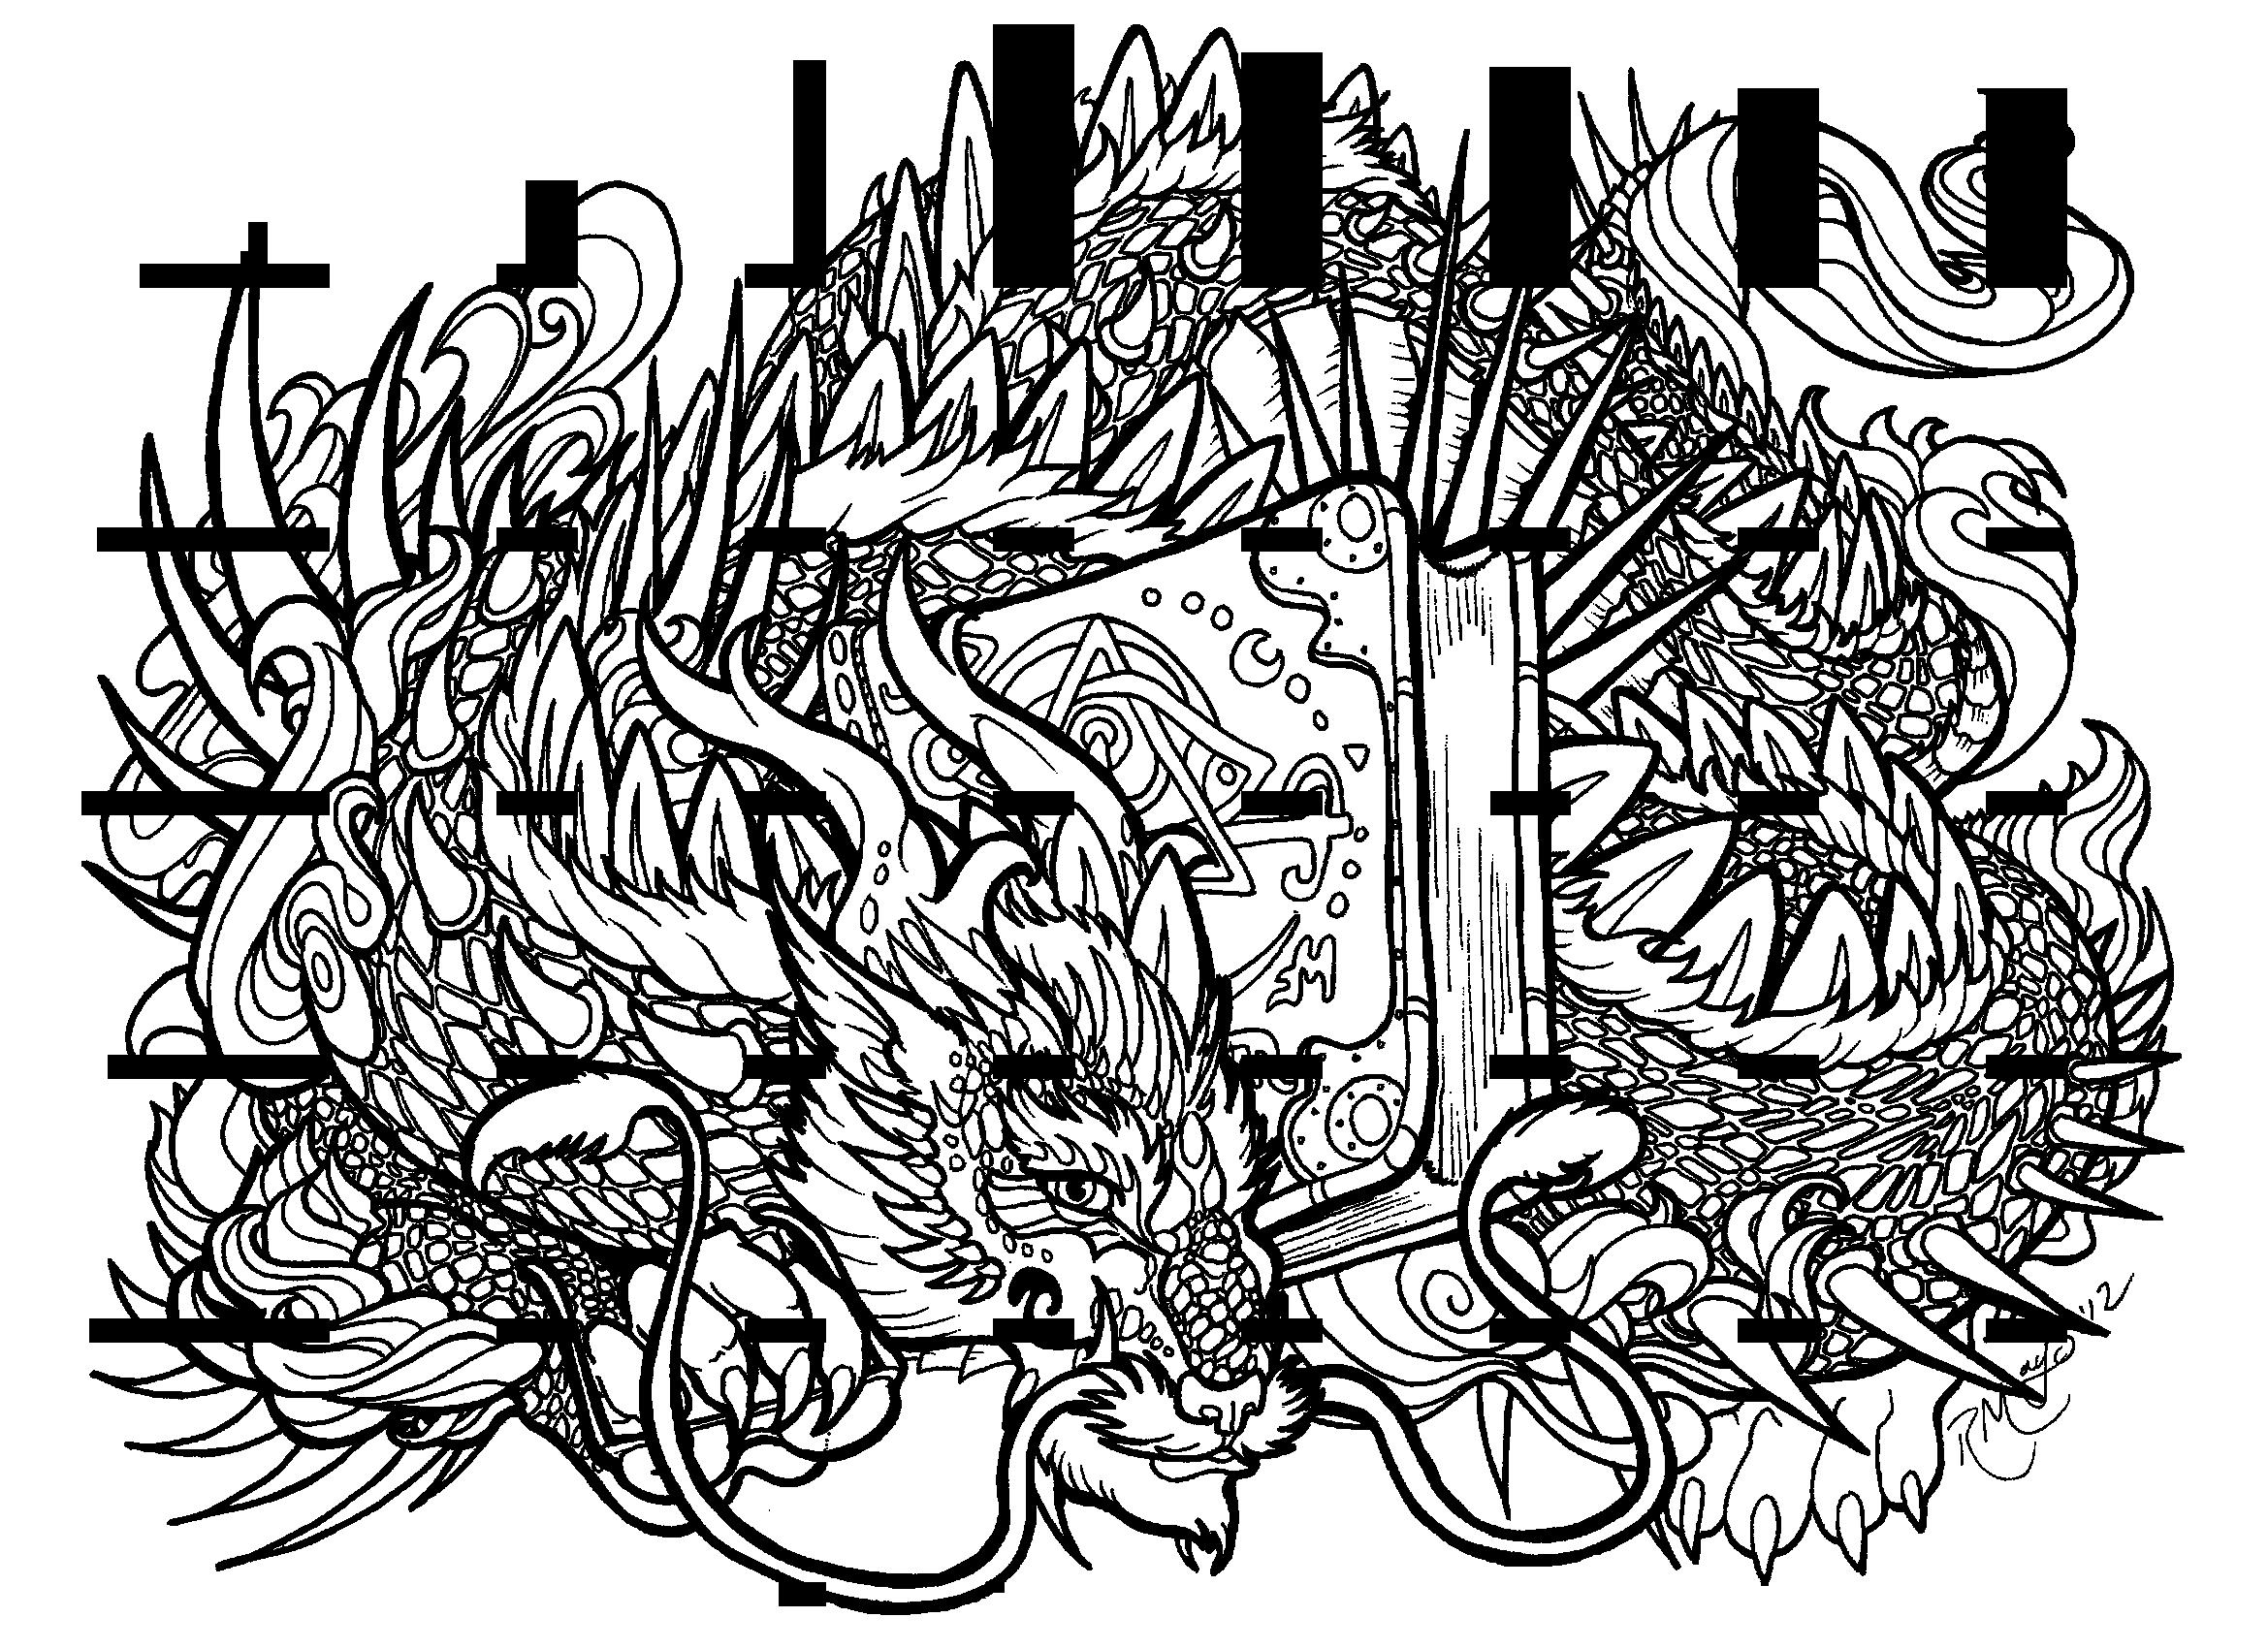 bookwyrm lineart by rachaelm5 deviantart com on deviantart